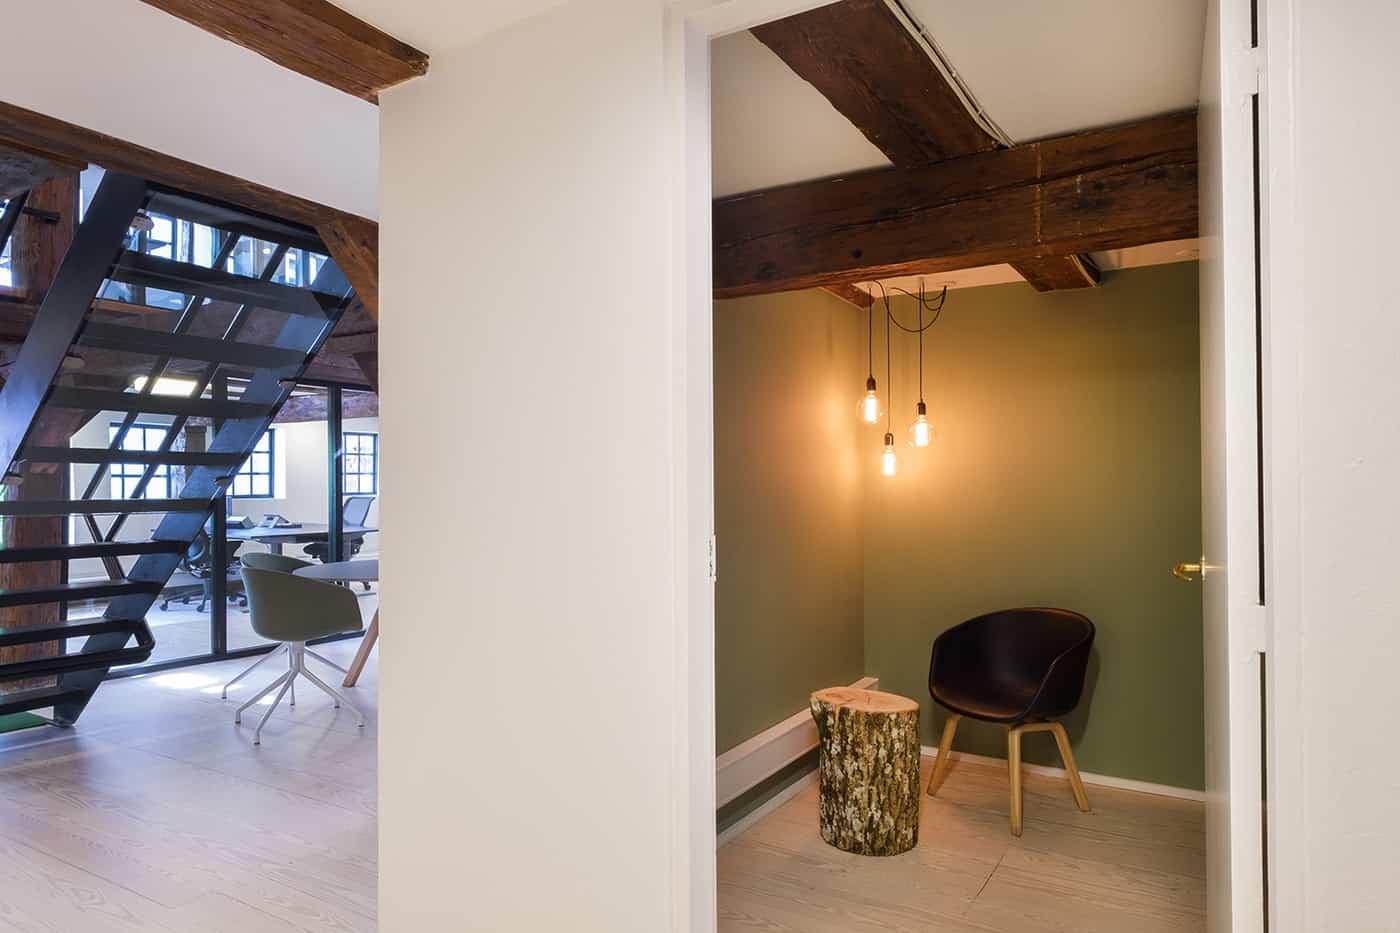 RITAarch, Greener Pastures, indretning, København, lounge, fordybelsesområde